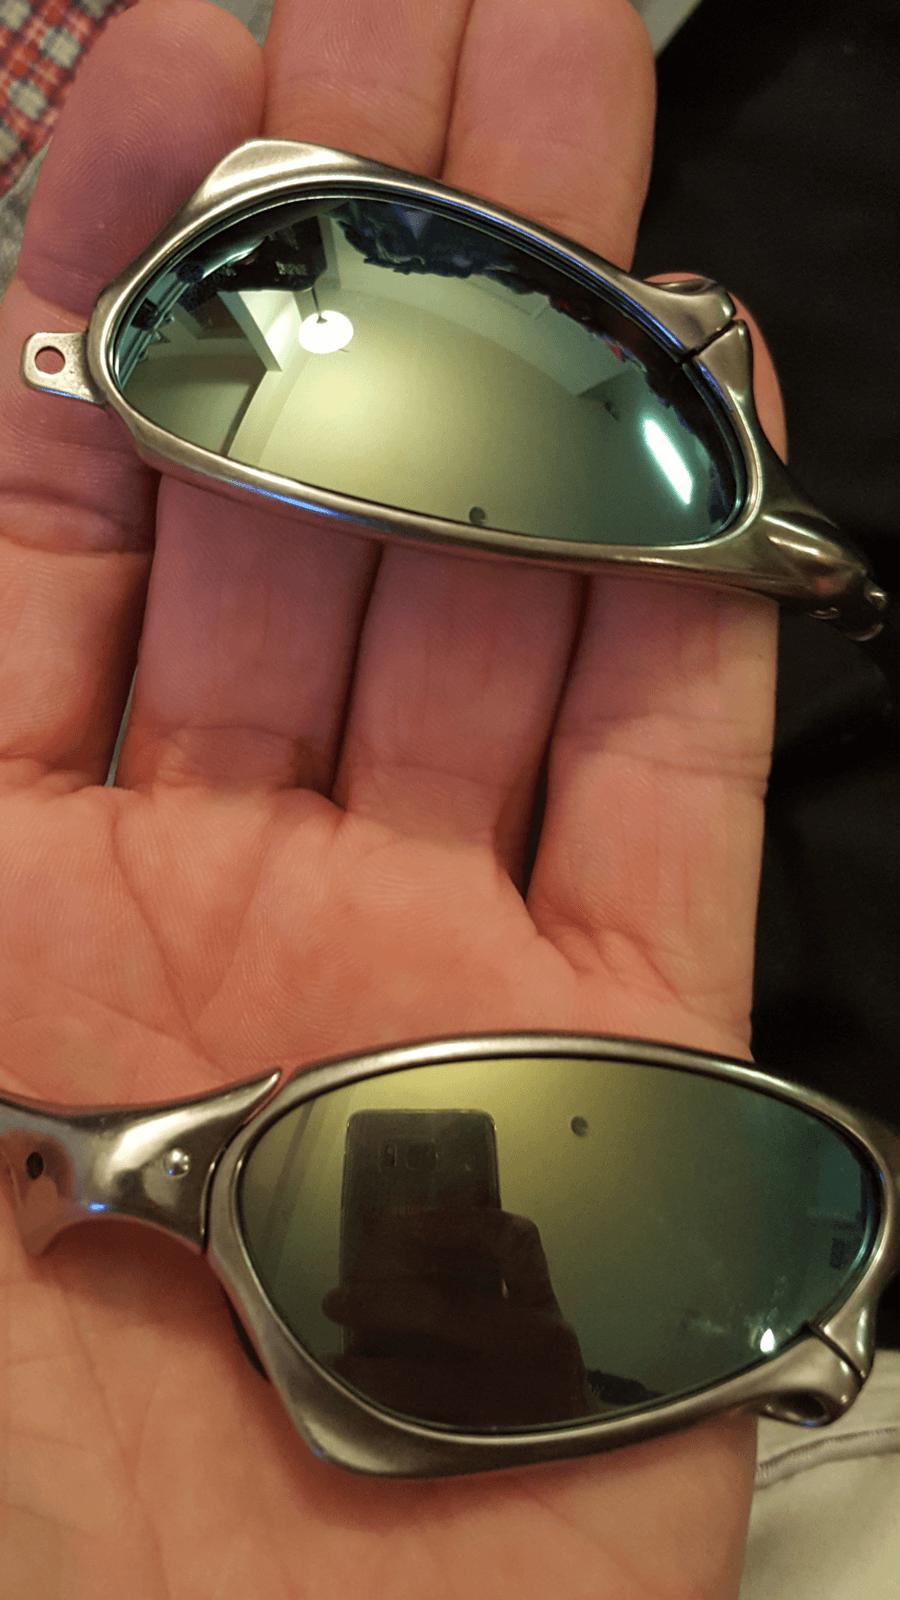 Emerald penny lenses - Screenshot_20160609-000823.png